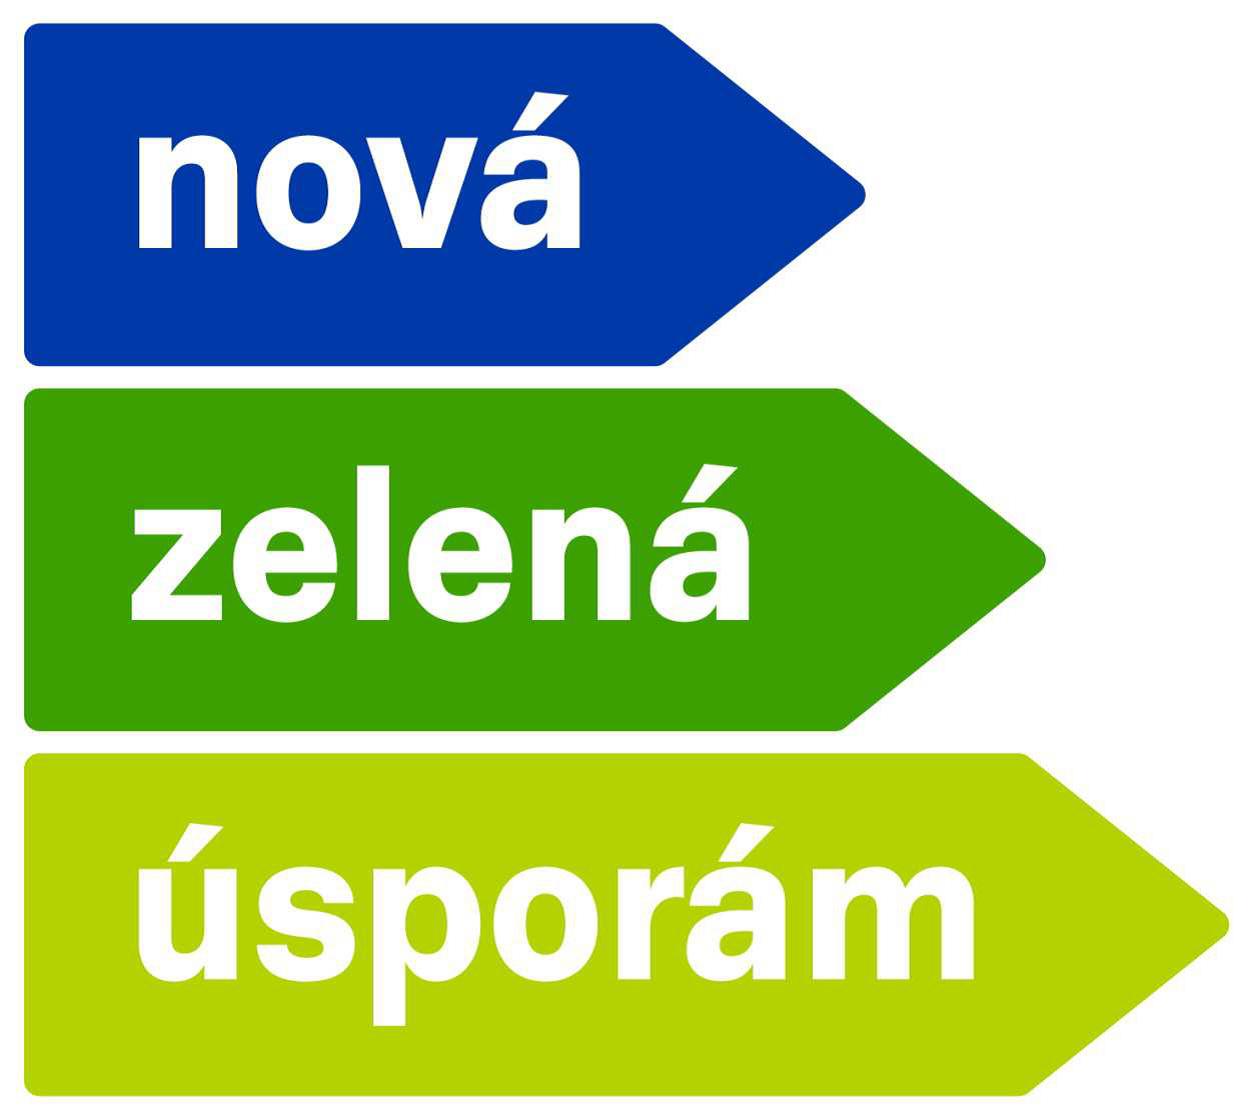 Soubor: /nova-zelena-usporam.png